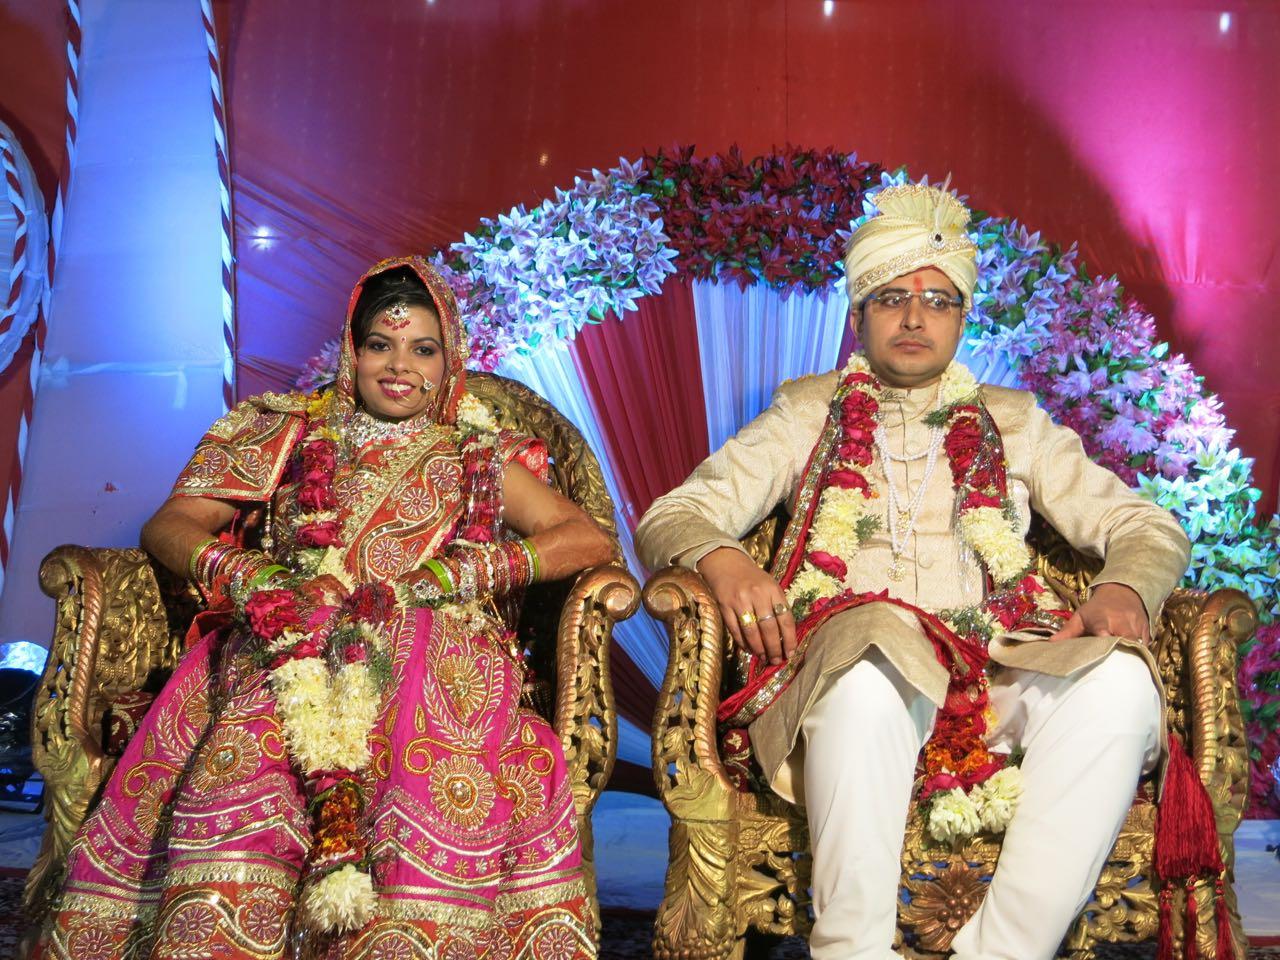 Opfern, Schmausen, Feiern: Eine Indische Hochzeit